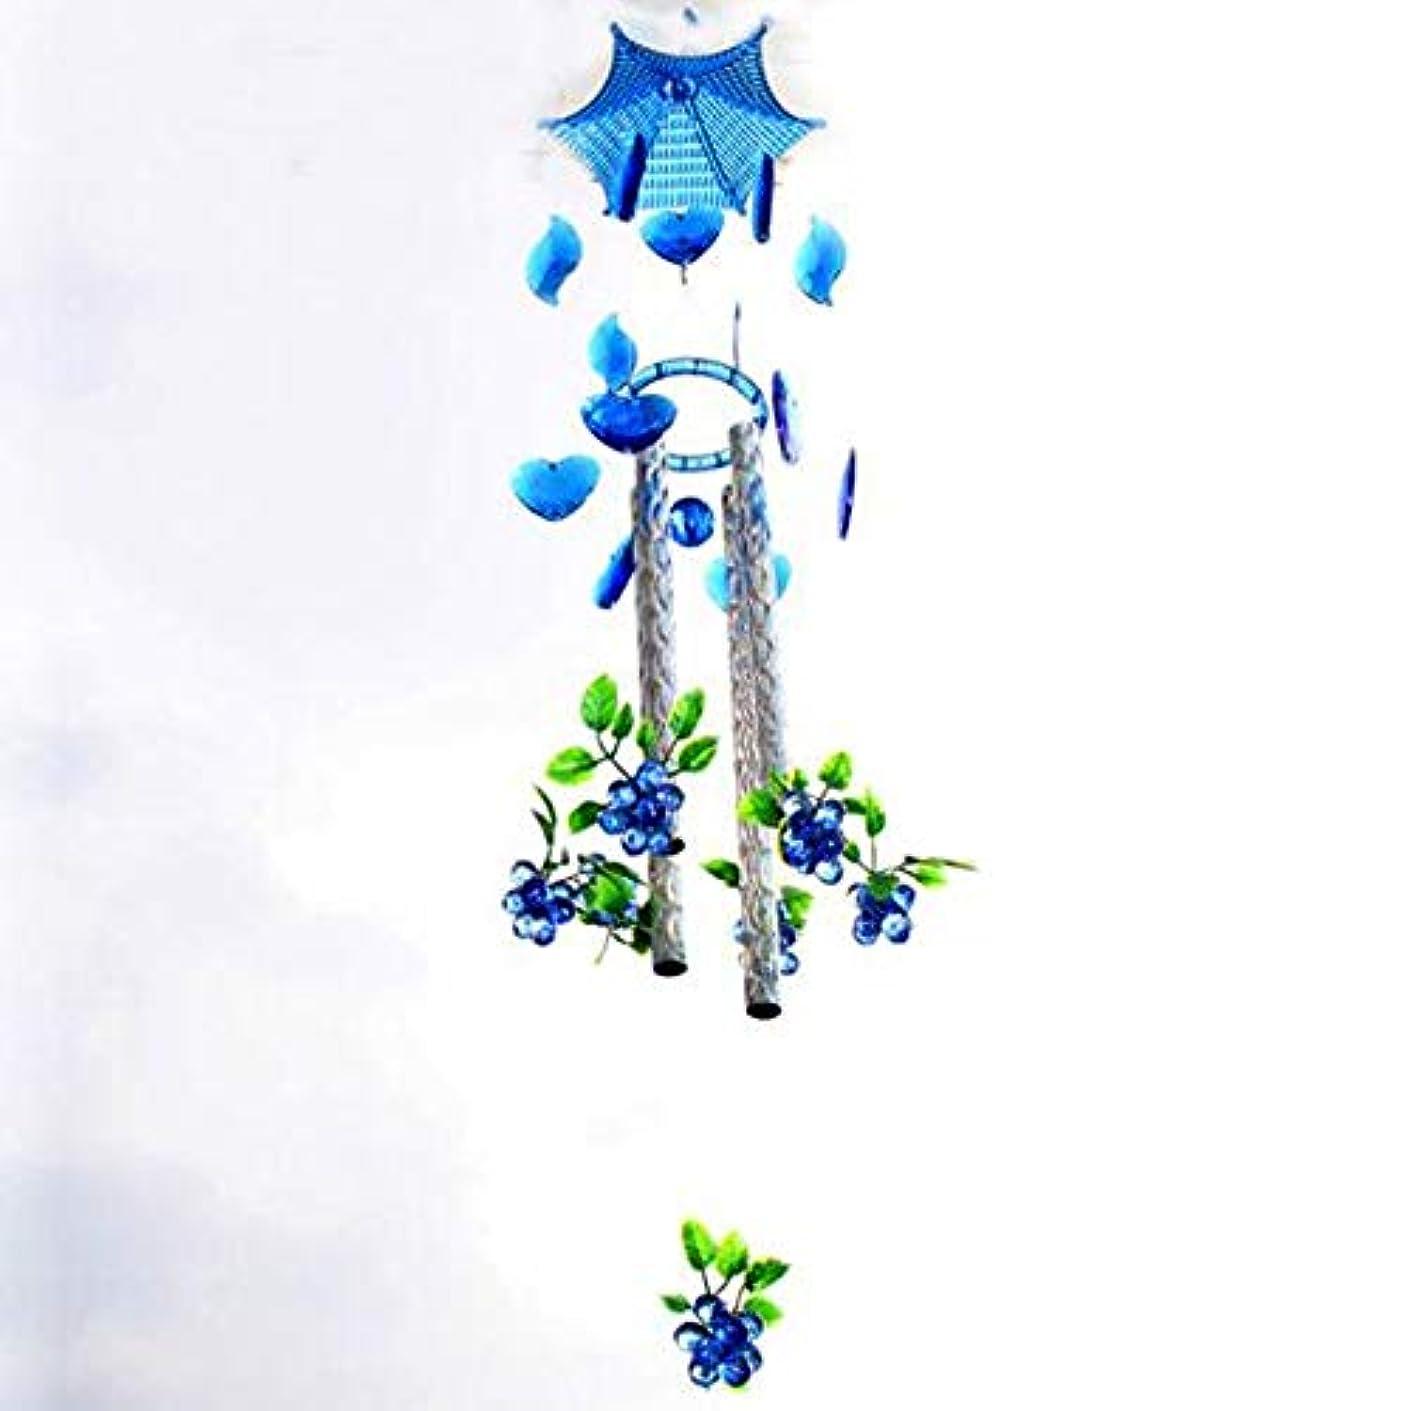 無力恩赦実験をするChengjinxiang 風チャイム、プラスチック金属の庭ブドウ風の鐘、ブルー、全身について80CM,クリエイティブギフト (Color : Blue)